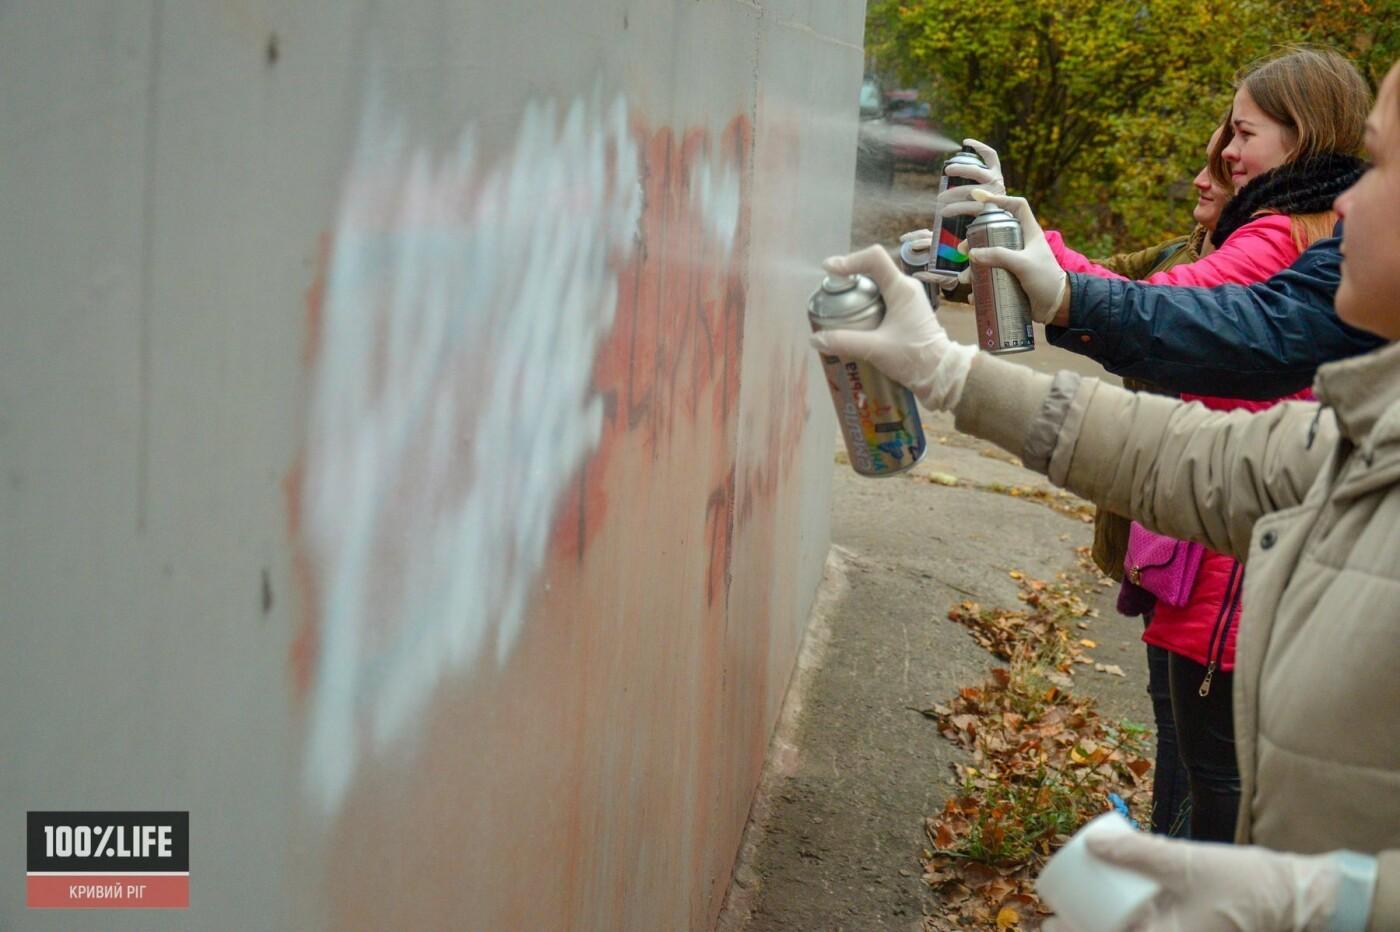 Криворожские подростки вместе с копами зарисовывали незаконную рекламу наркотиков, - ФОТО , фото-2